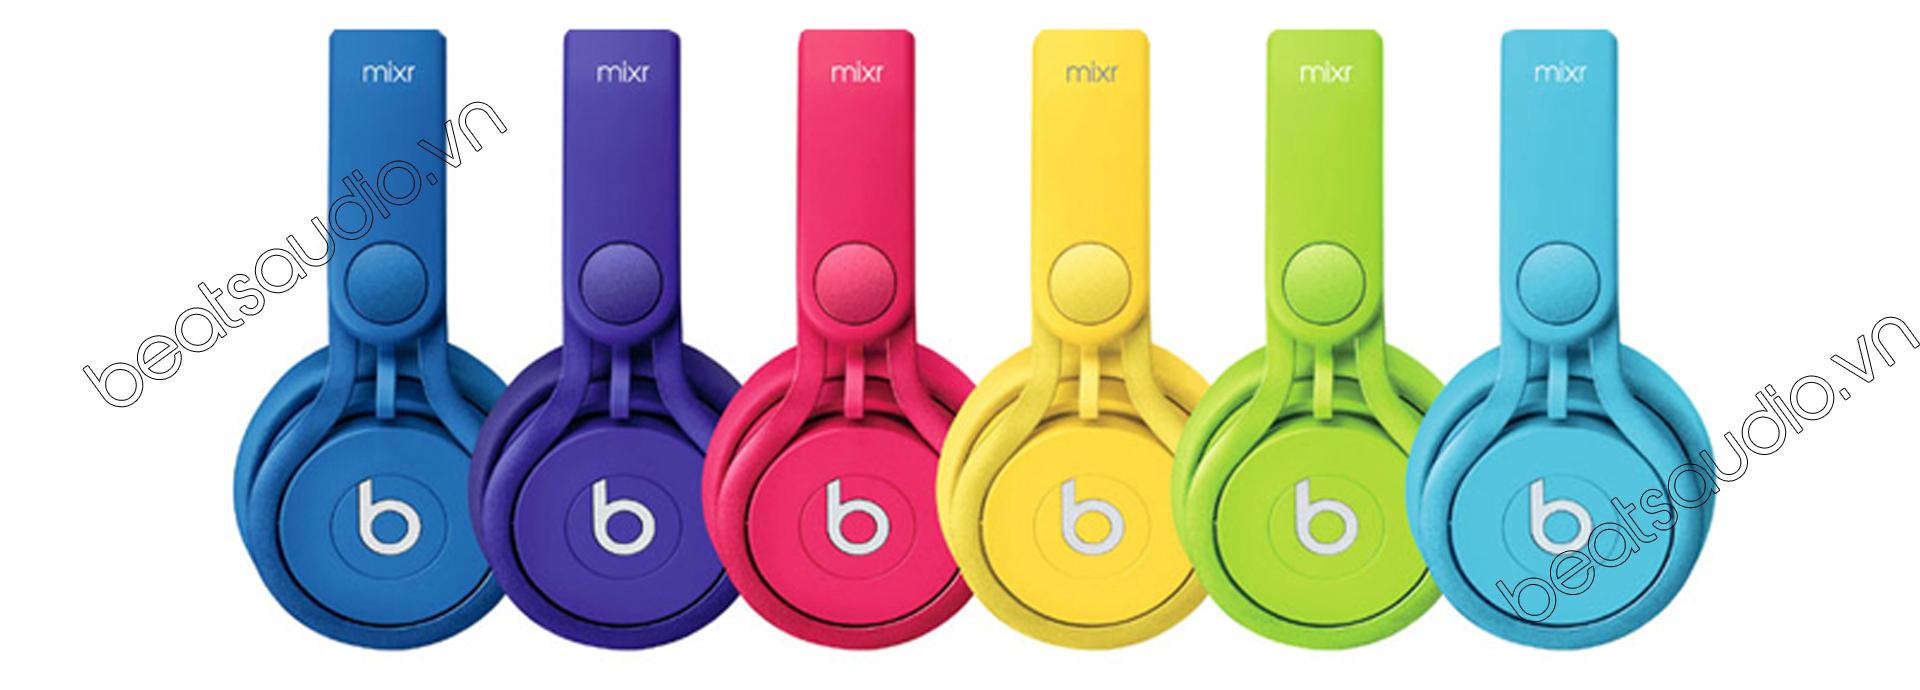 Tai nghe Beats Mixr New Colors chính hãng